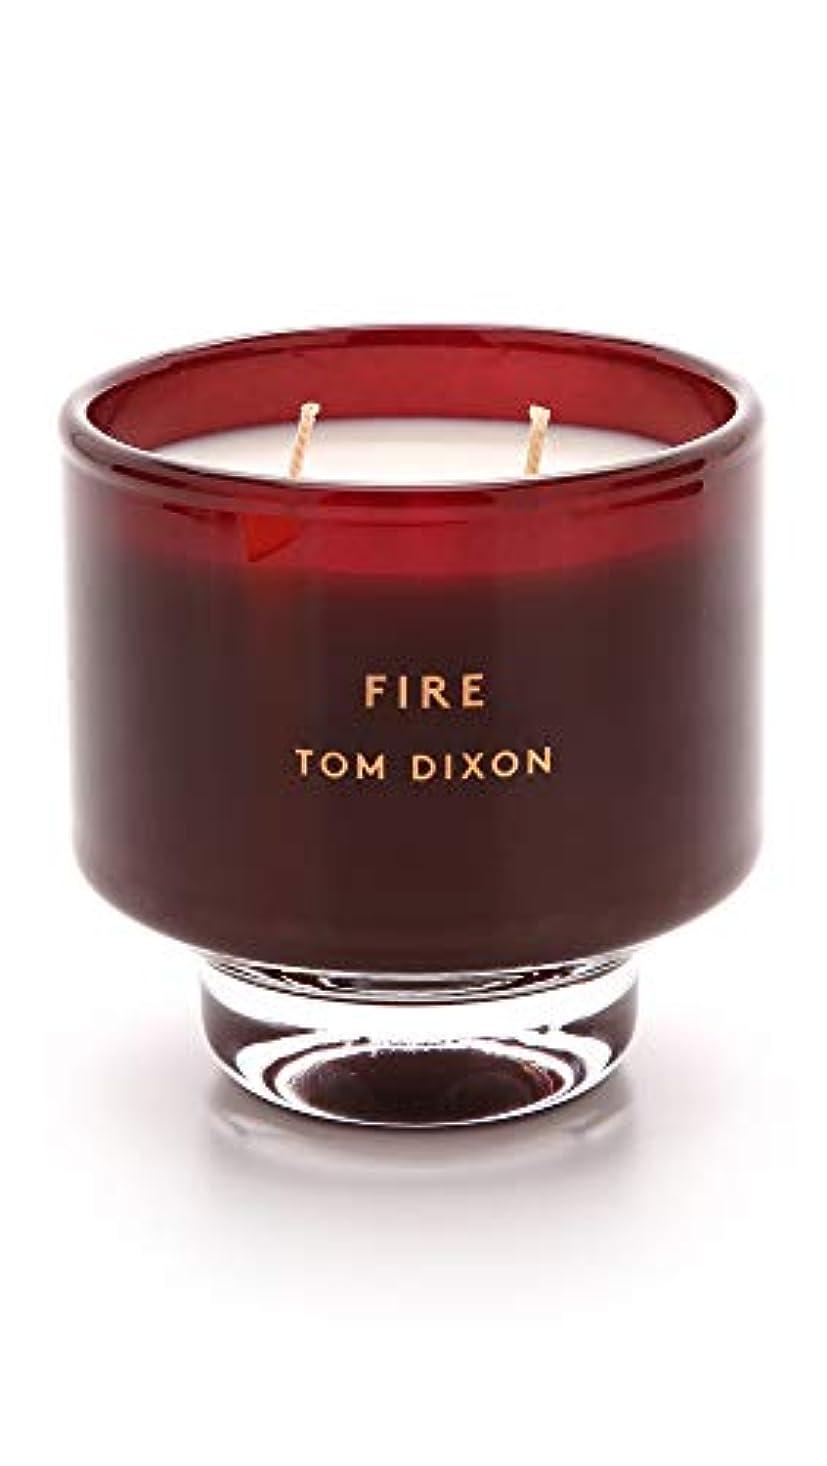 クリスチャン聖職者群れTom DixonメンズFire Scented Candle One Size レッド SC05F